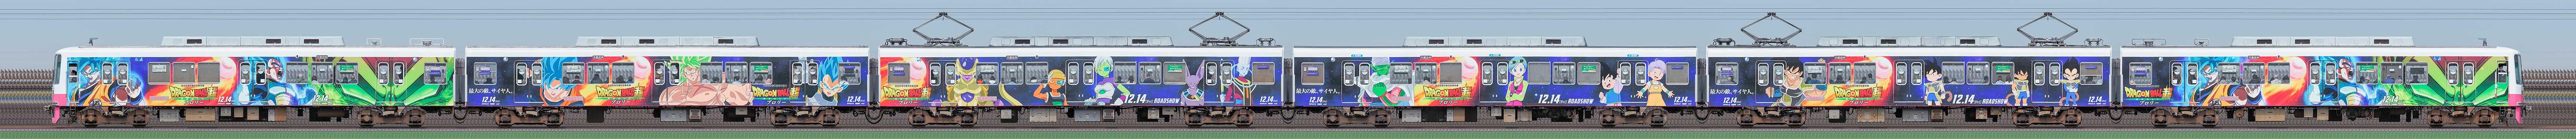 新京成8800形8803編成「ドラゴンボール超 ブロリー」電車(山側)の編成サイドビュー